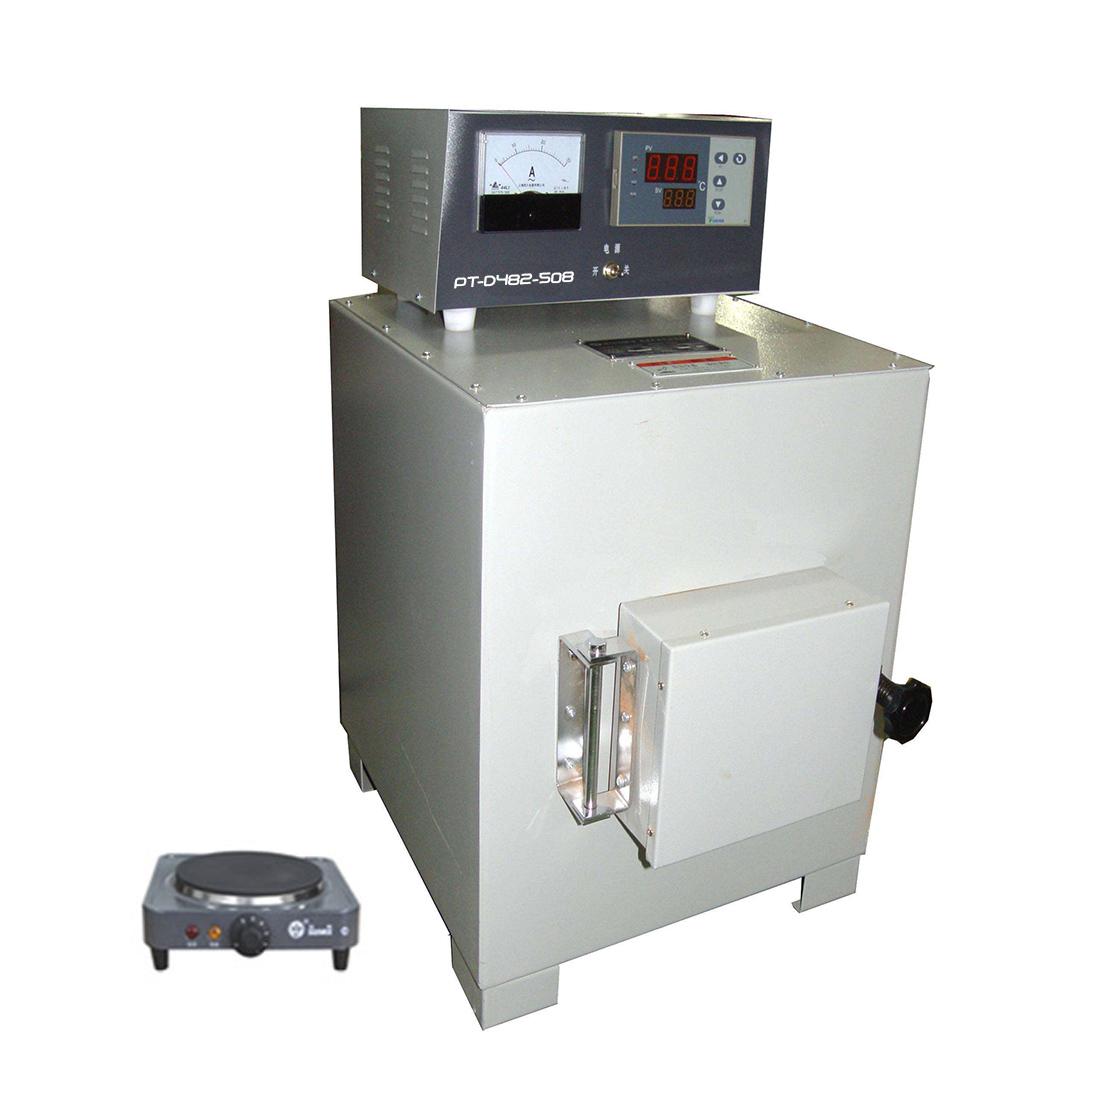 PT-D482-508 Ash Content Tester